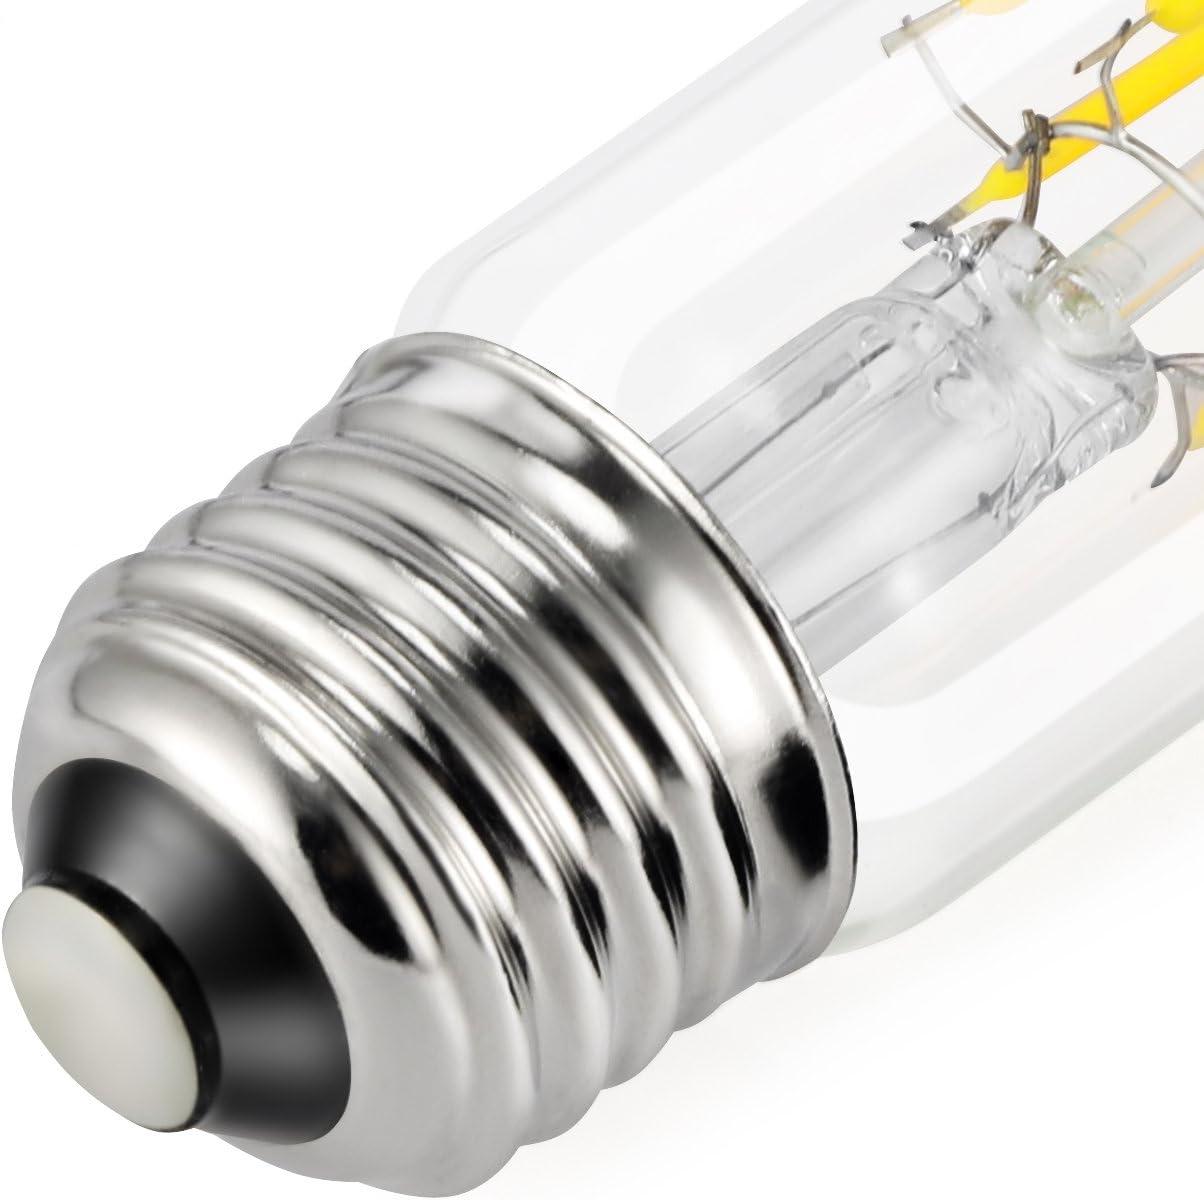 Filament E26 Base Lamp Kohree T10 Edison Led Bulb Daylight White 4000K 60W Equivalent Led Tubular Bulbs 6W Vintage Led Light Bulb Dimmable 3 Pack